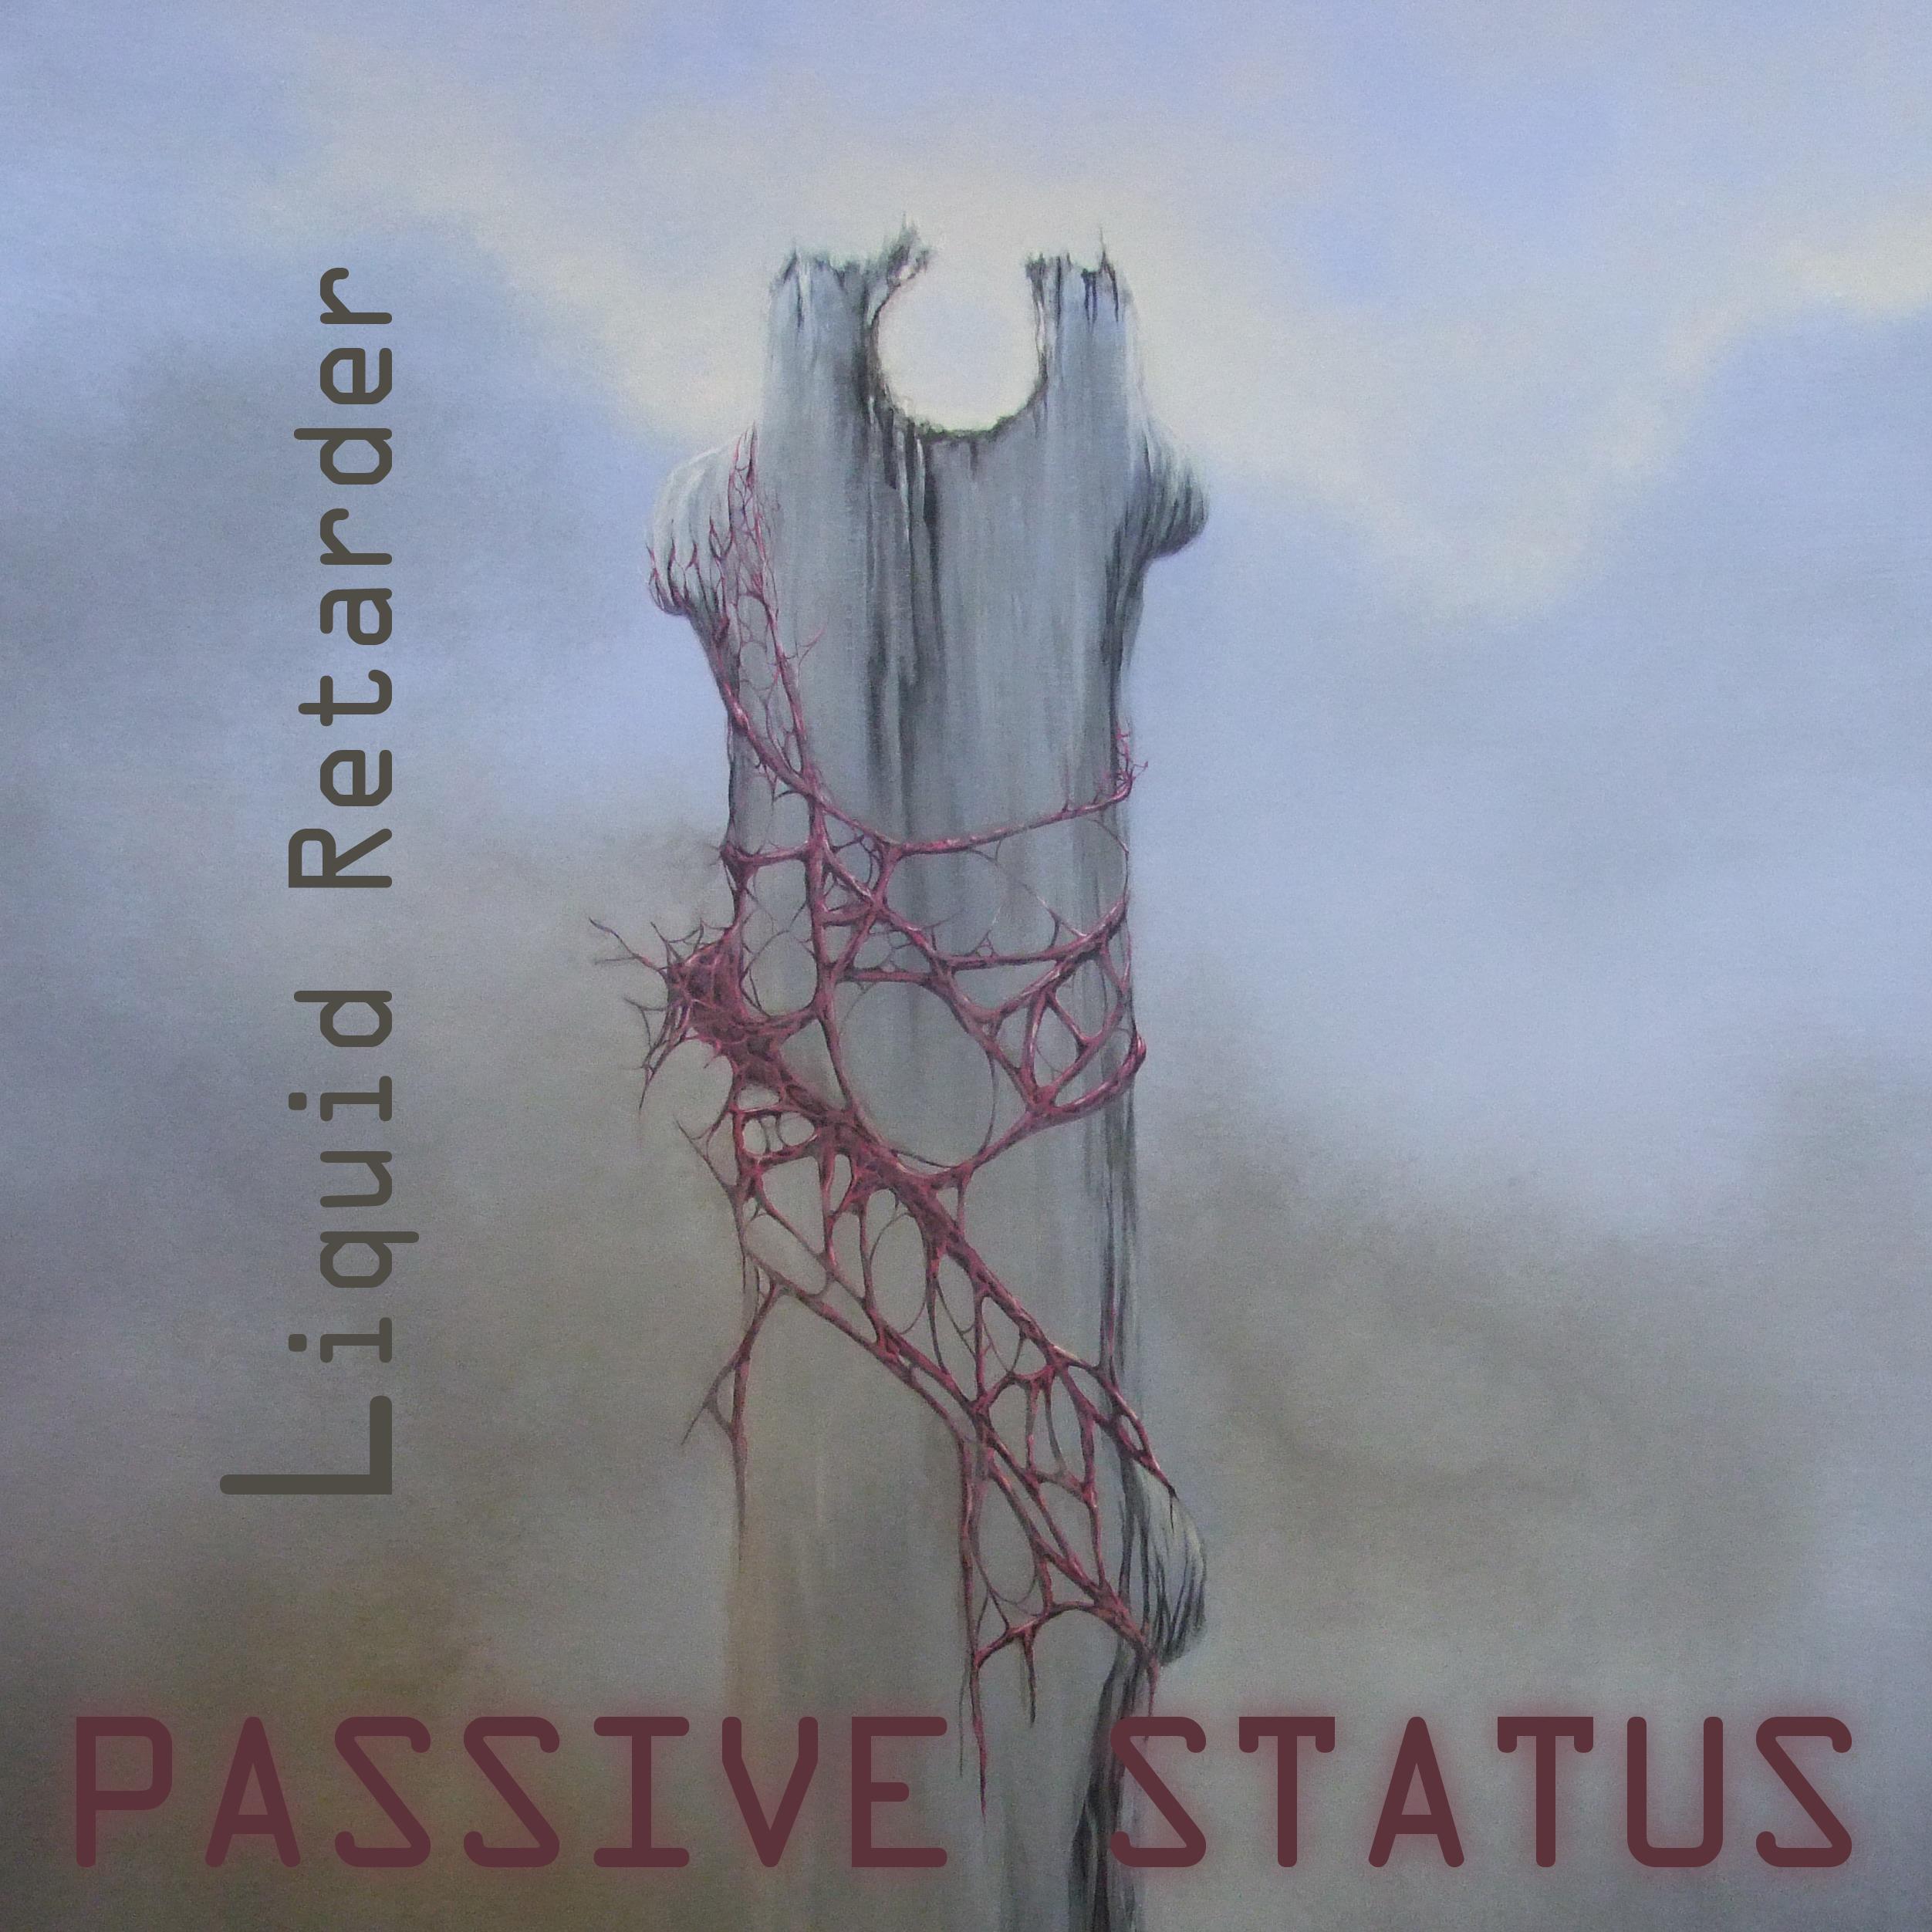 chill48-12 - Passive Status - Liquid Retarder